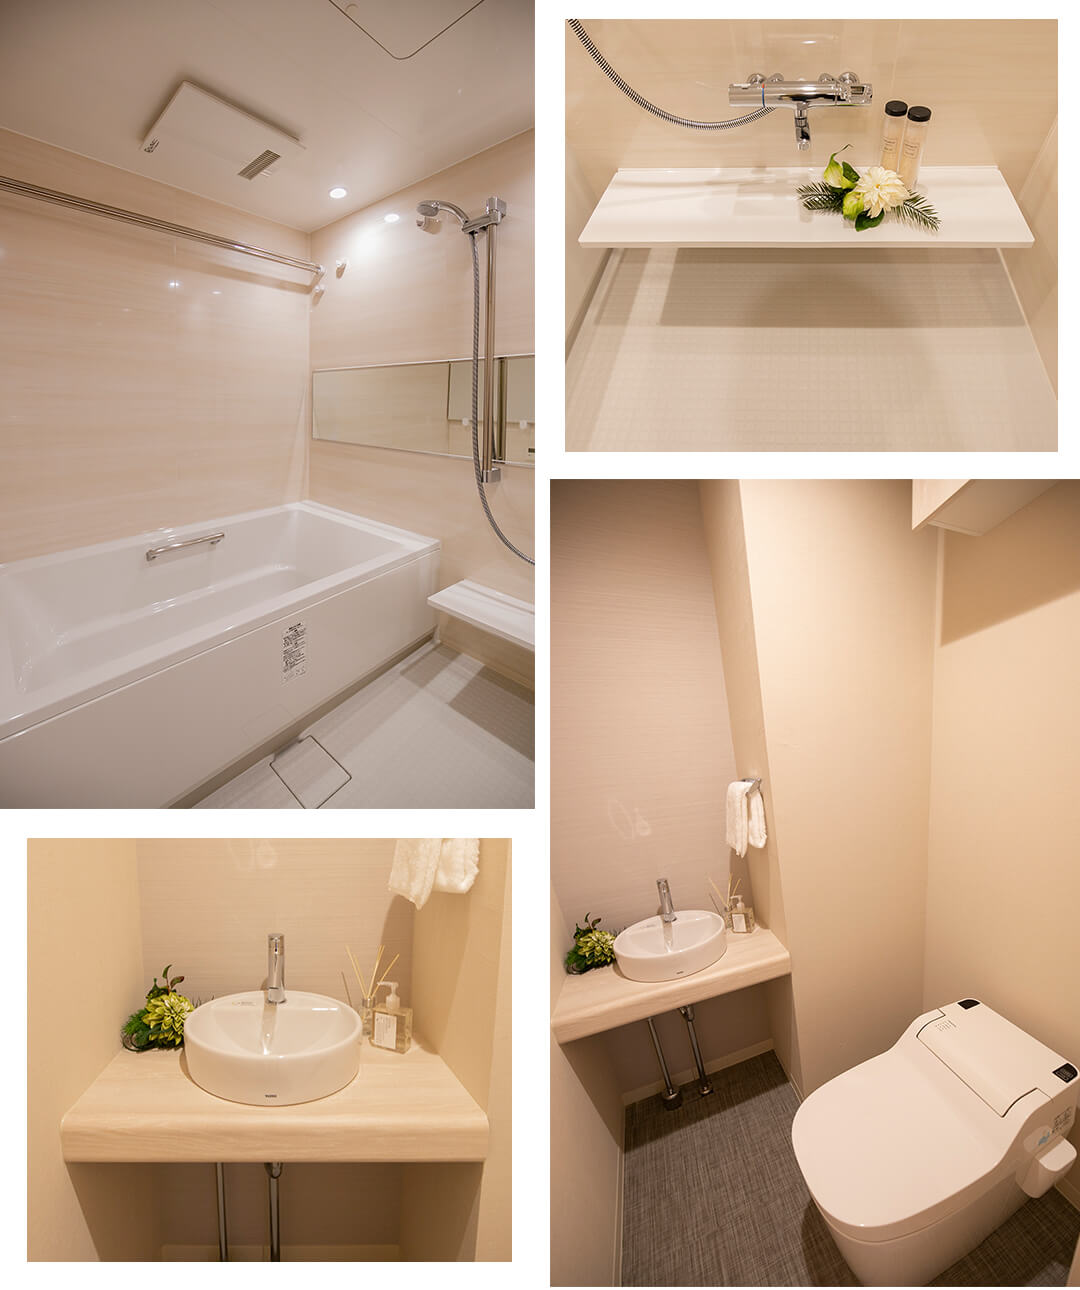 東京ツインパークレフトウイングの浴室とトイレ